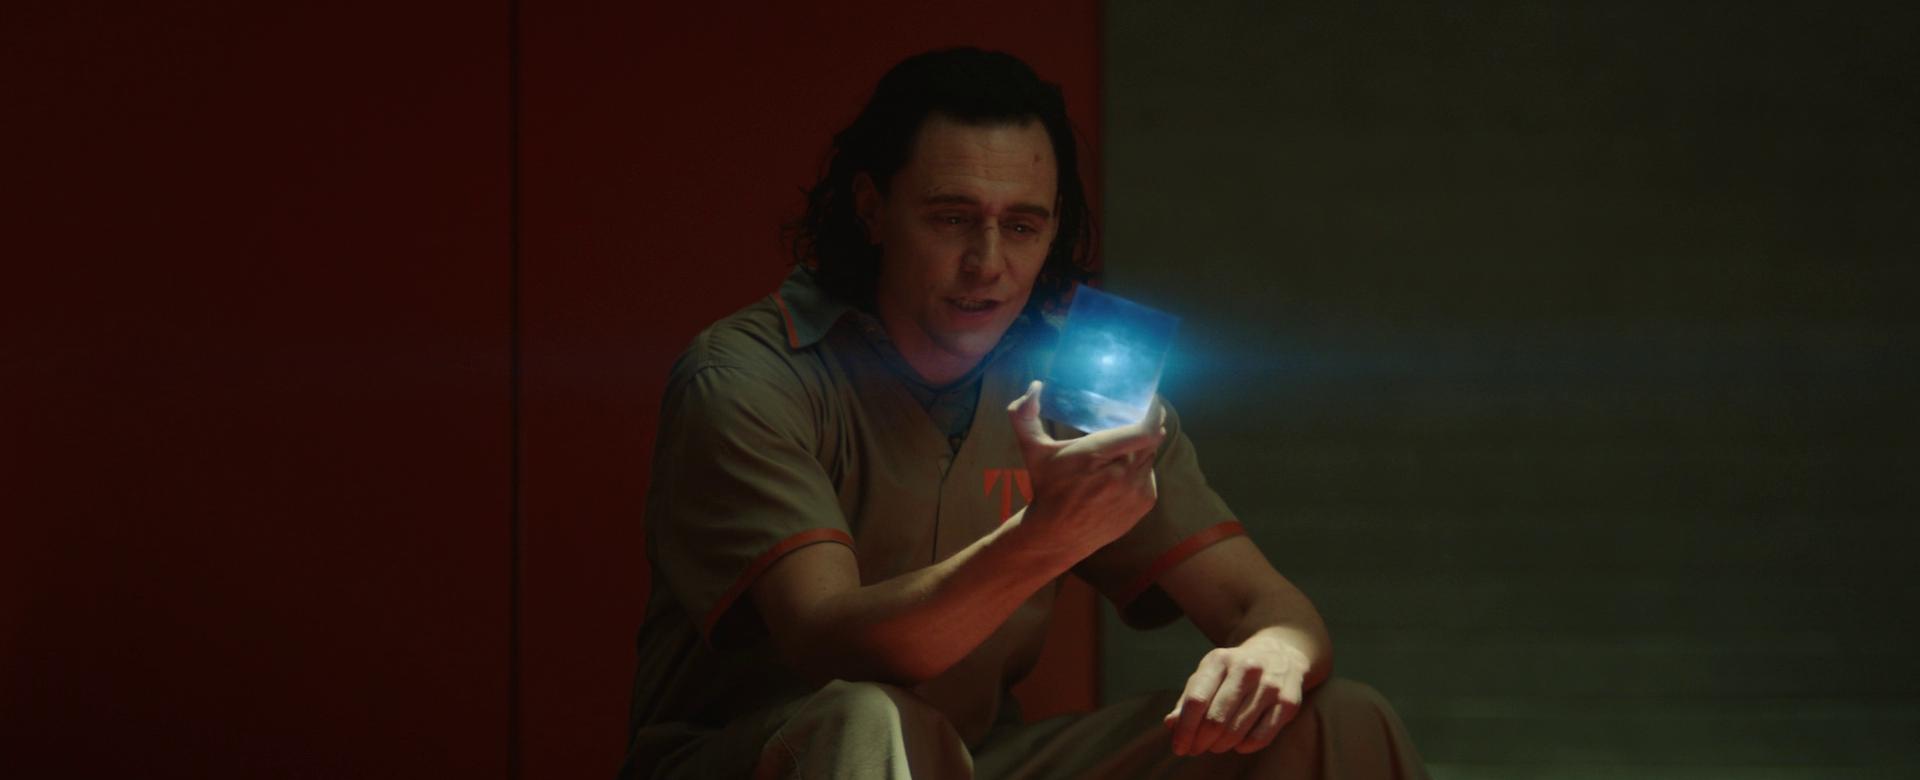 Loki tập 1 ảo diệu như WandaVision, thánh lừa bị chốt ngay vào mồm rồi không mảnh vải che thân - Ảnh 12.